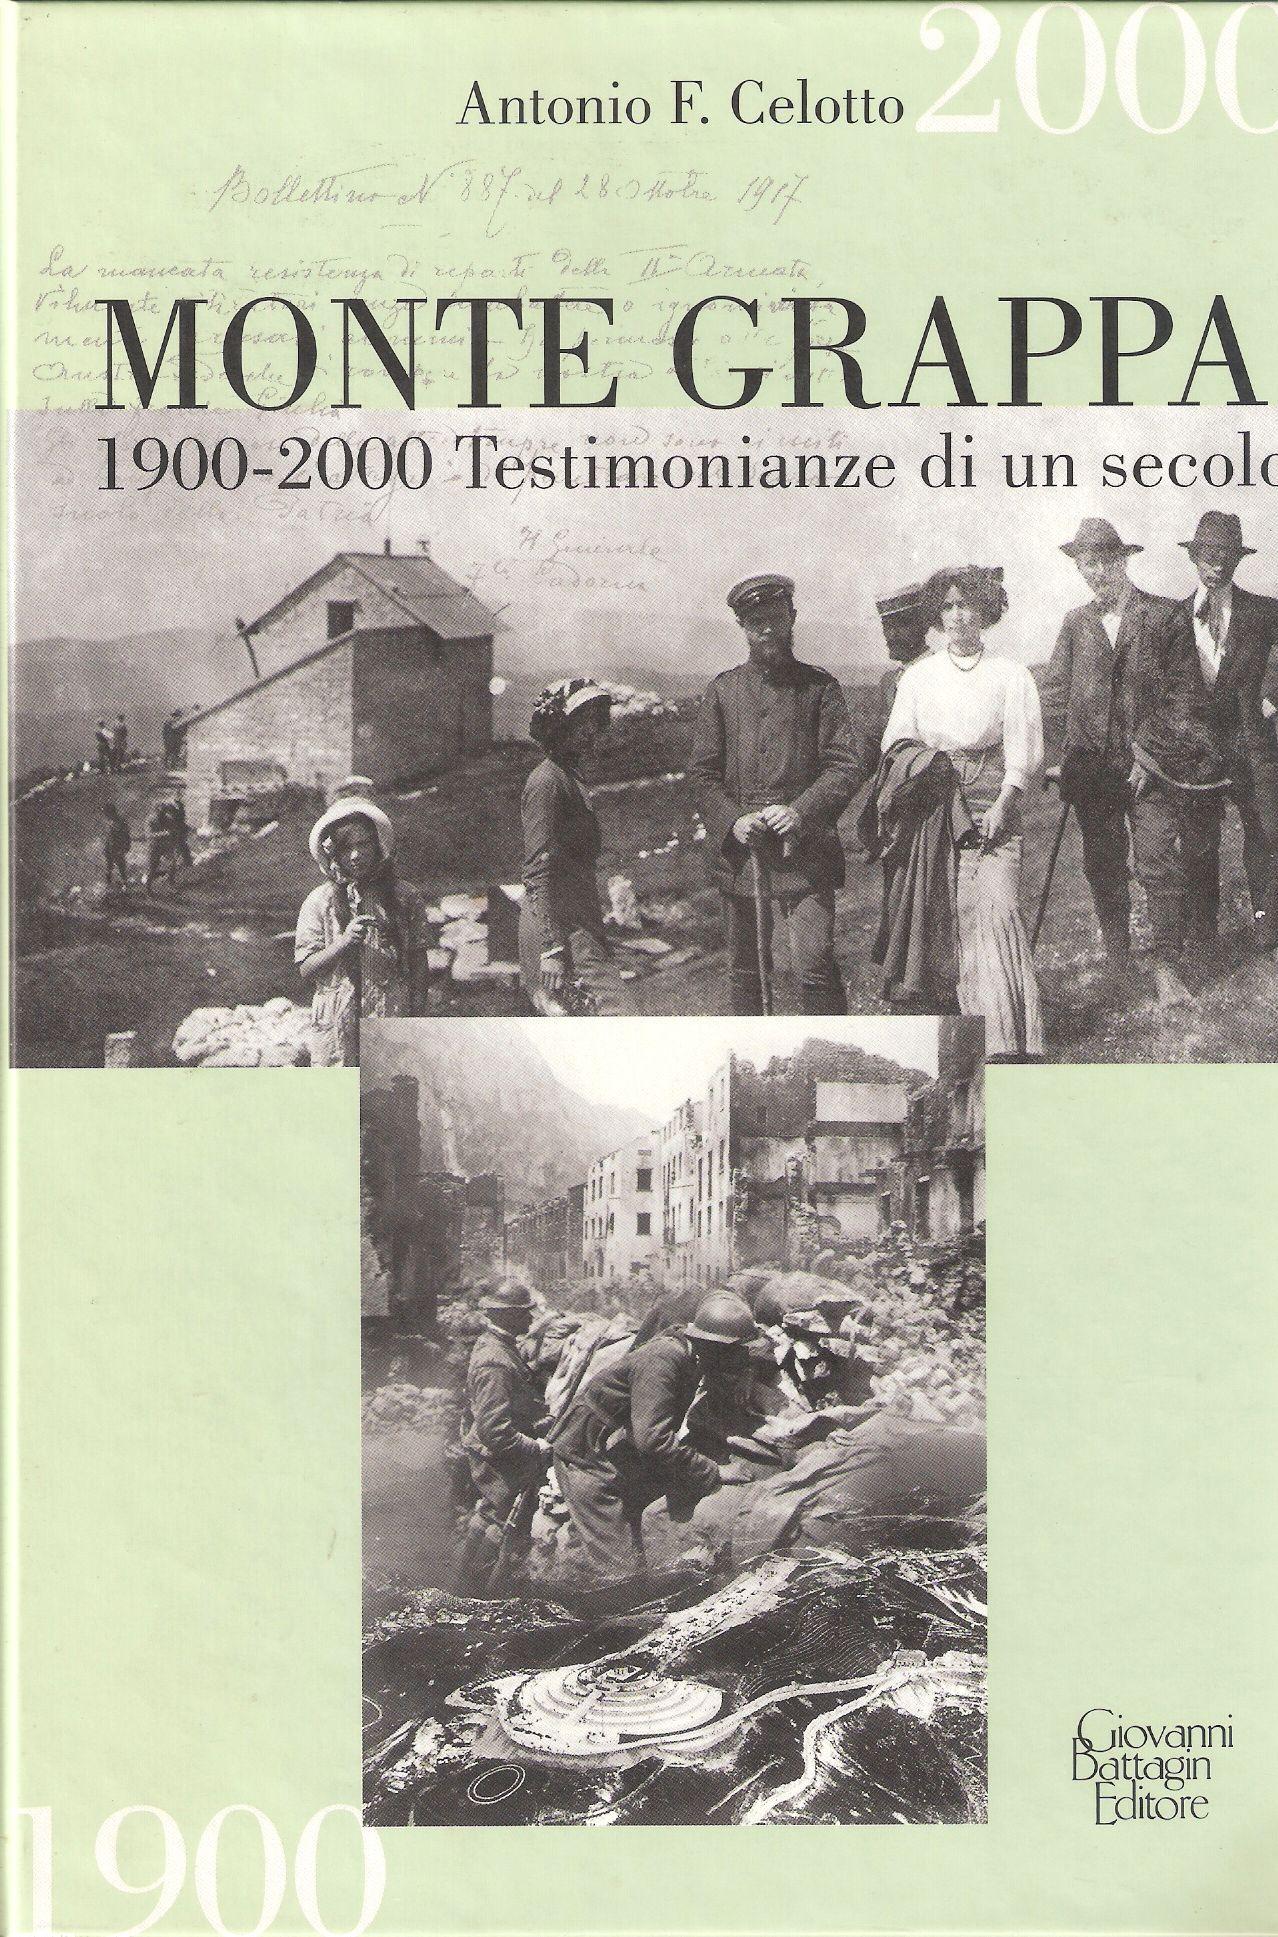 Monte Grappa 1900-2000